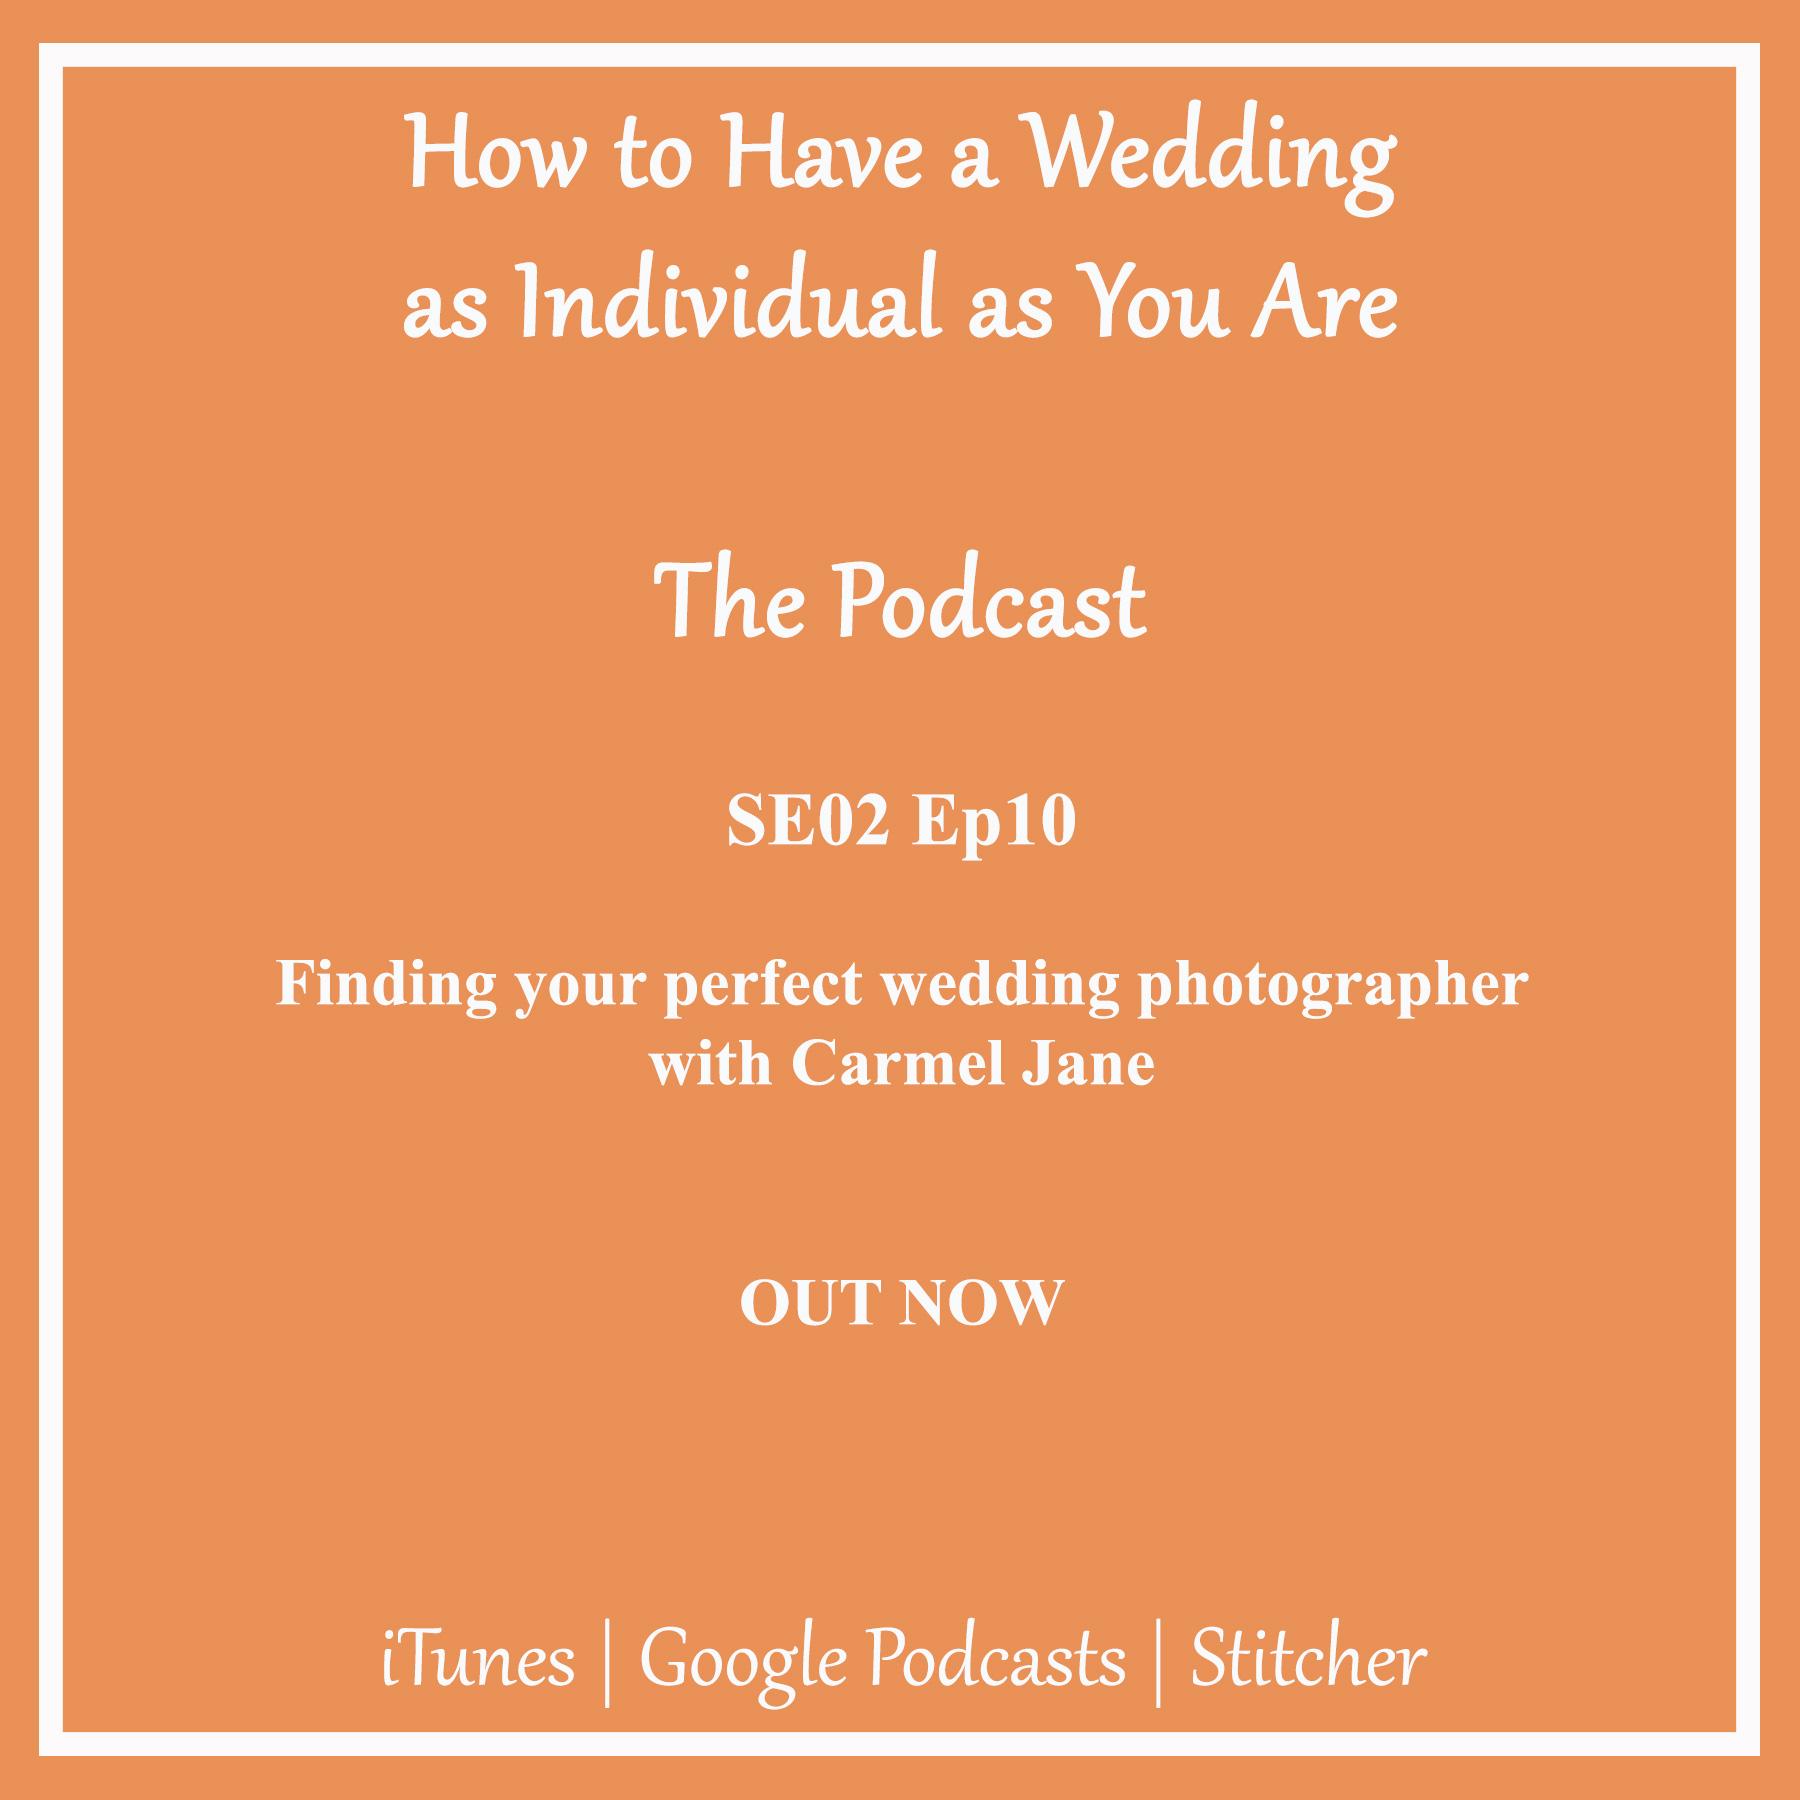 Carmel Jane Podcast Promo.jpg